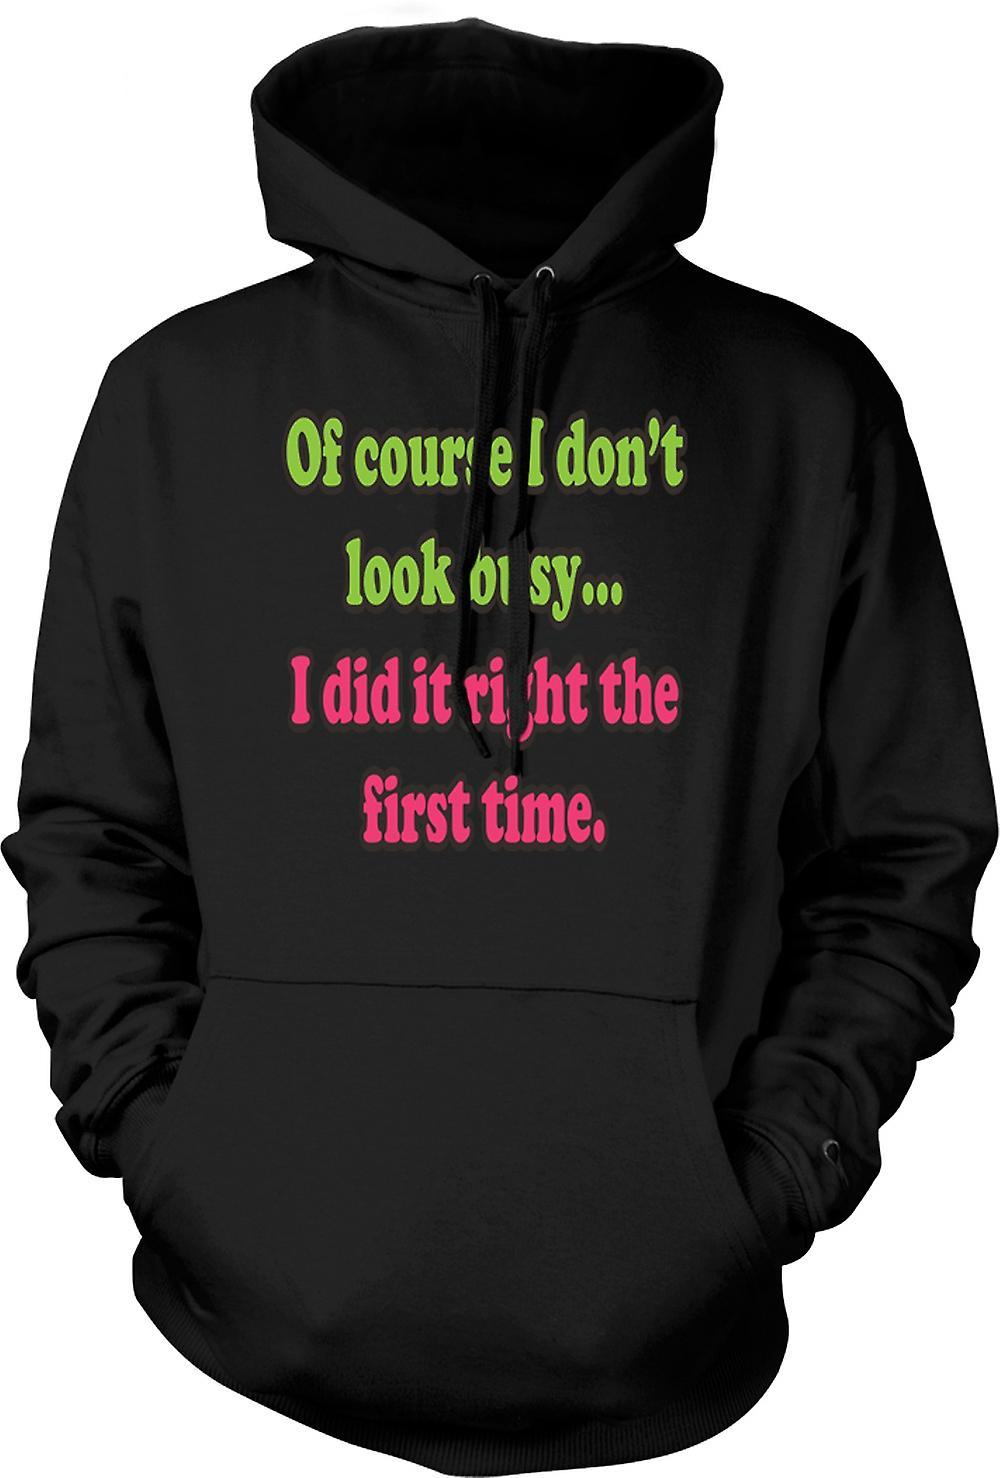 Para hombre con capucha - por supuesto no verá ocupado - cotización